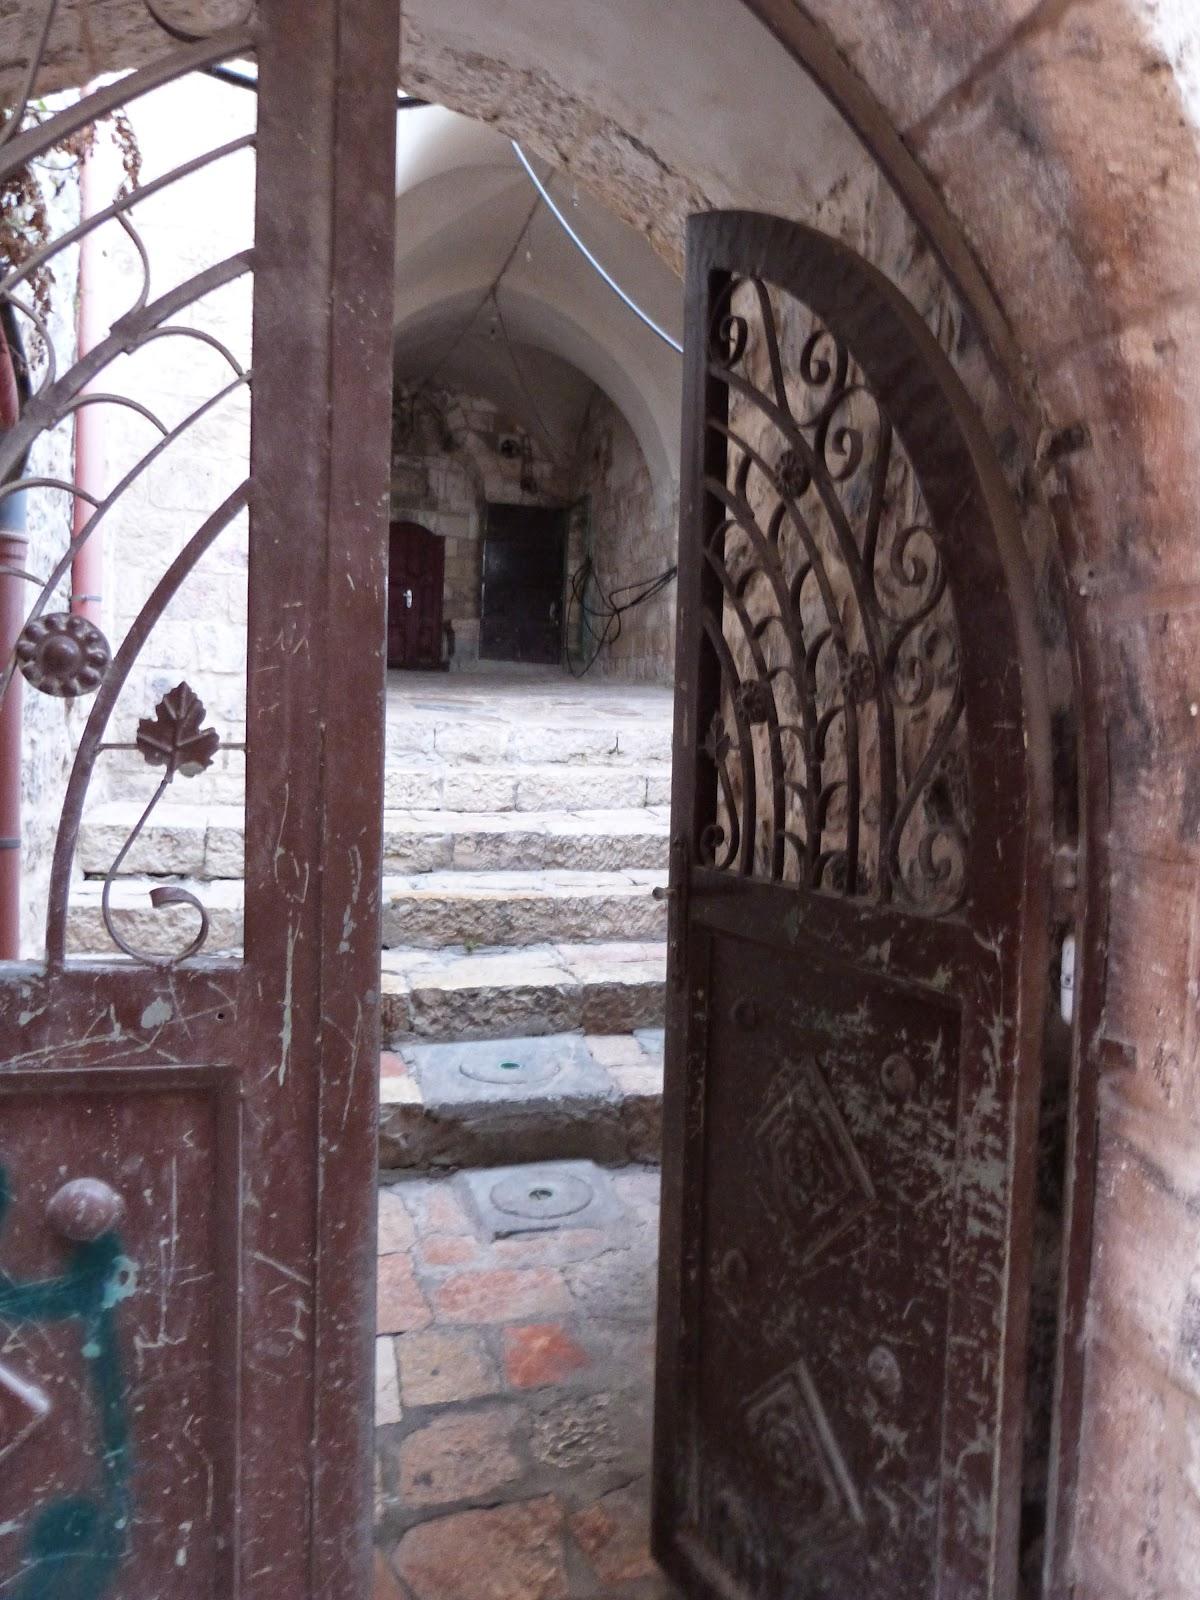 экскурсовод в Иерусалиме, в Израиле, гид по Иерусалиму, по Израилю, фрилансер, авторская экскурсия по Иерусалиму,